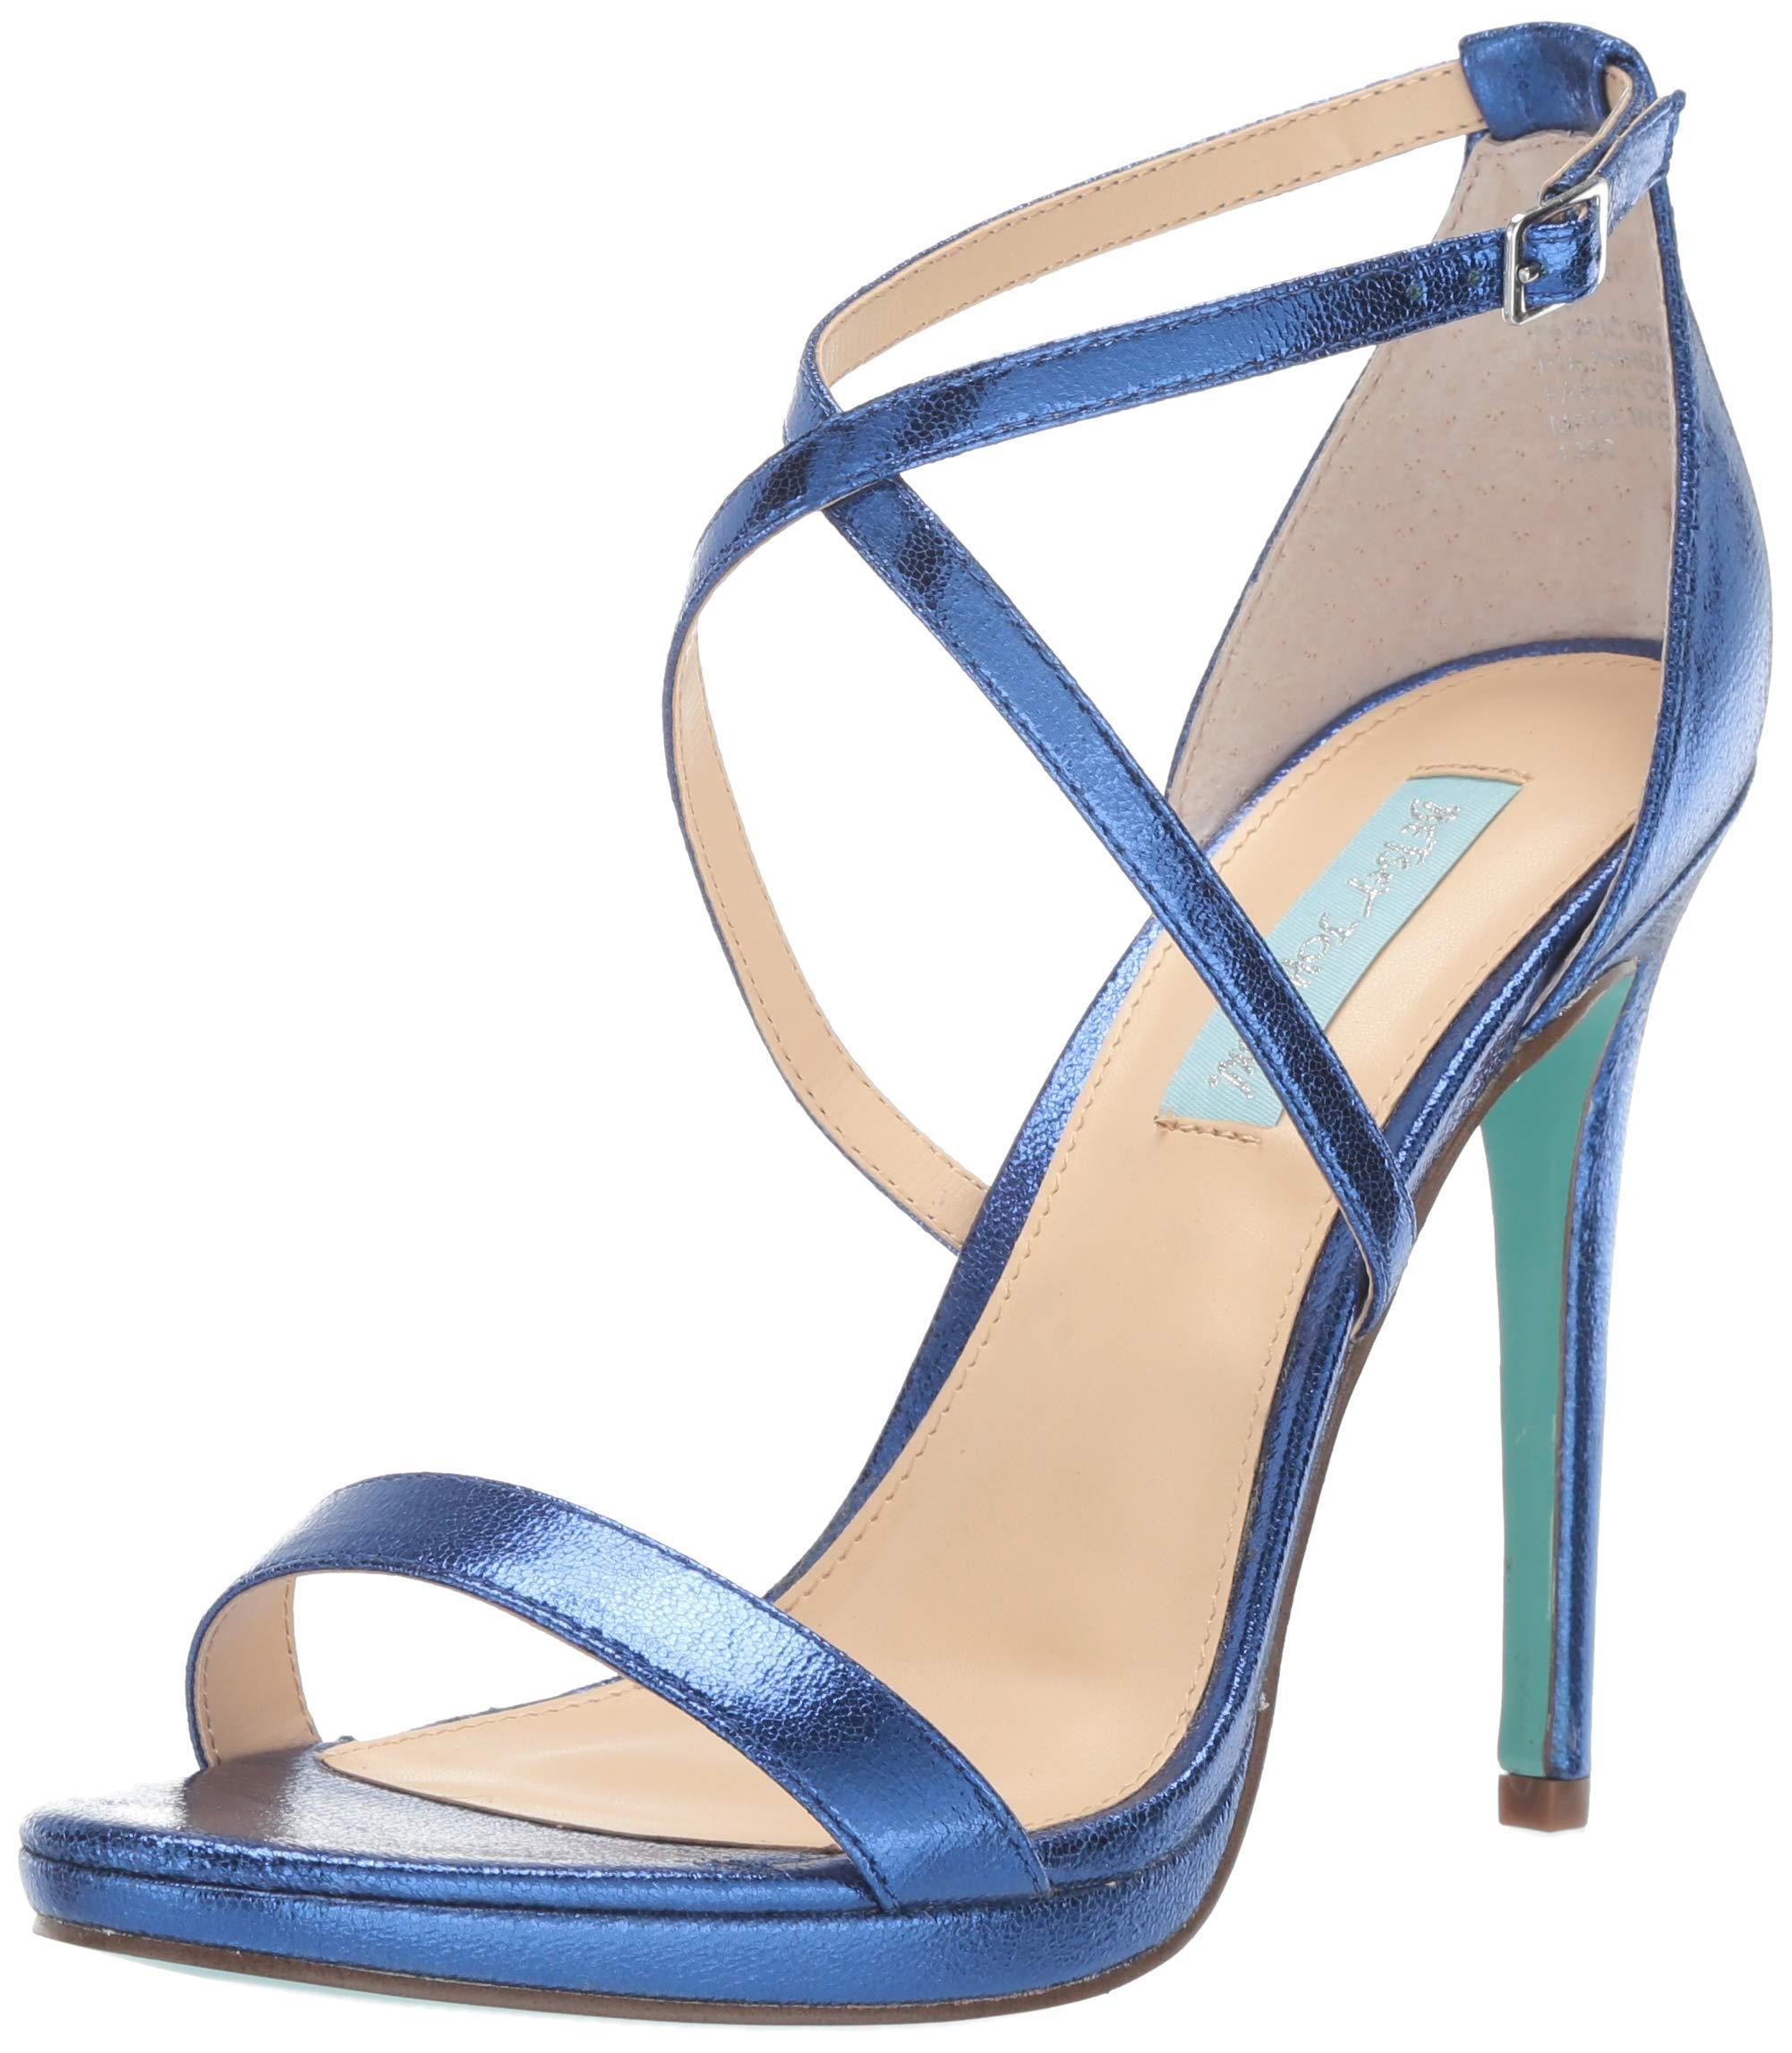 Betsey Johnson Blue Sb-aubry Heeled Sandal - Lyst